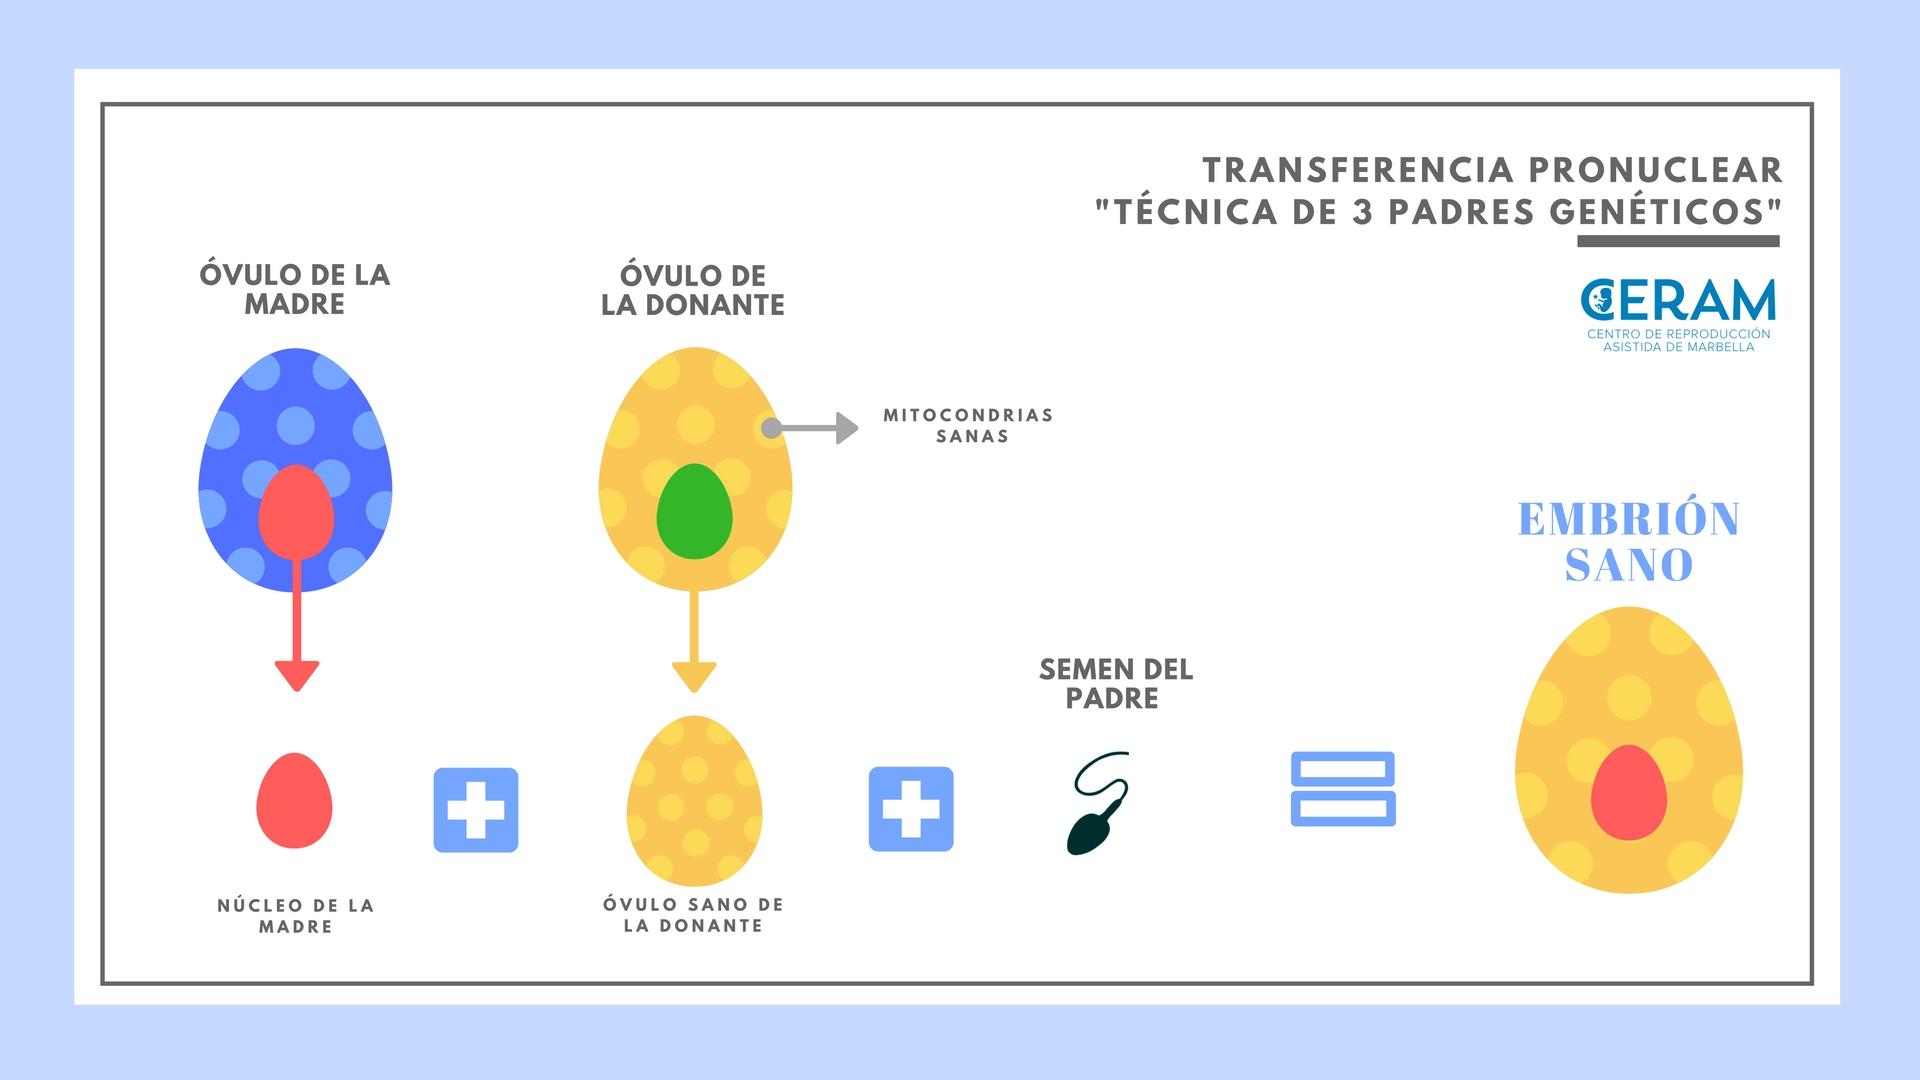 tecnica-de-3-padres-geneticos-esquema